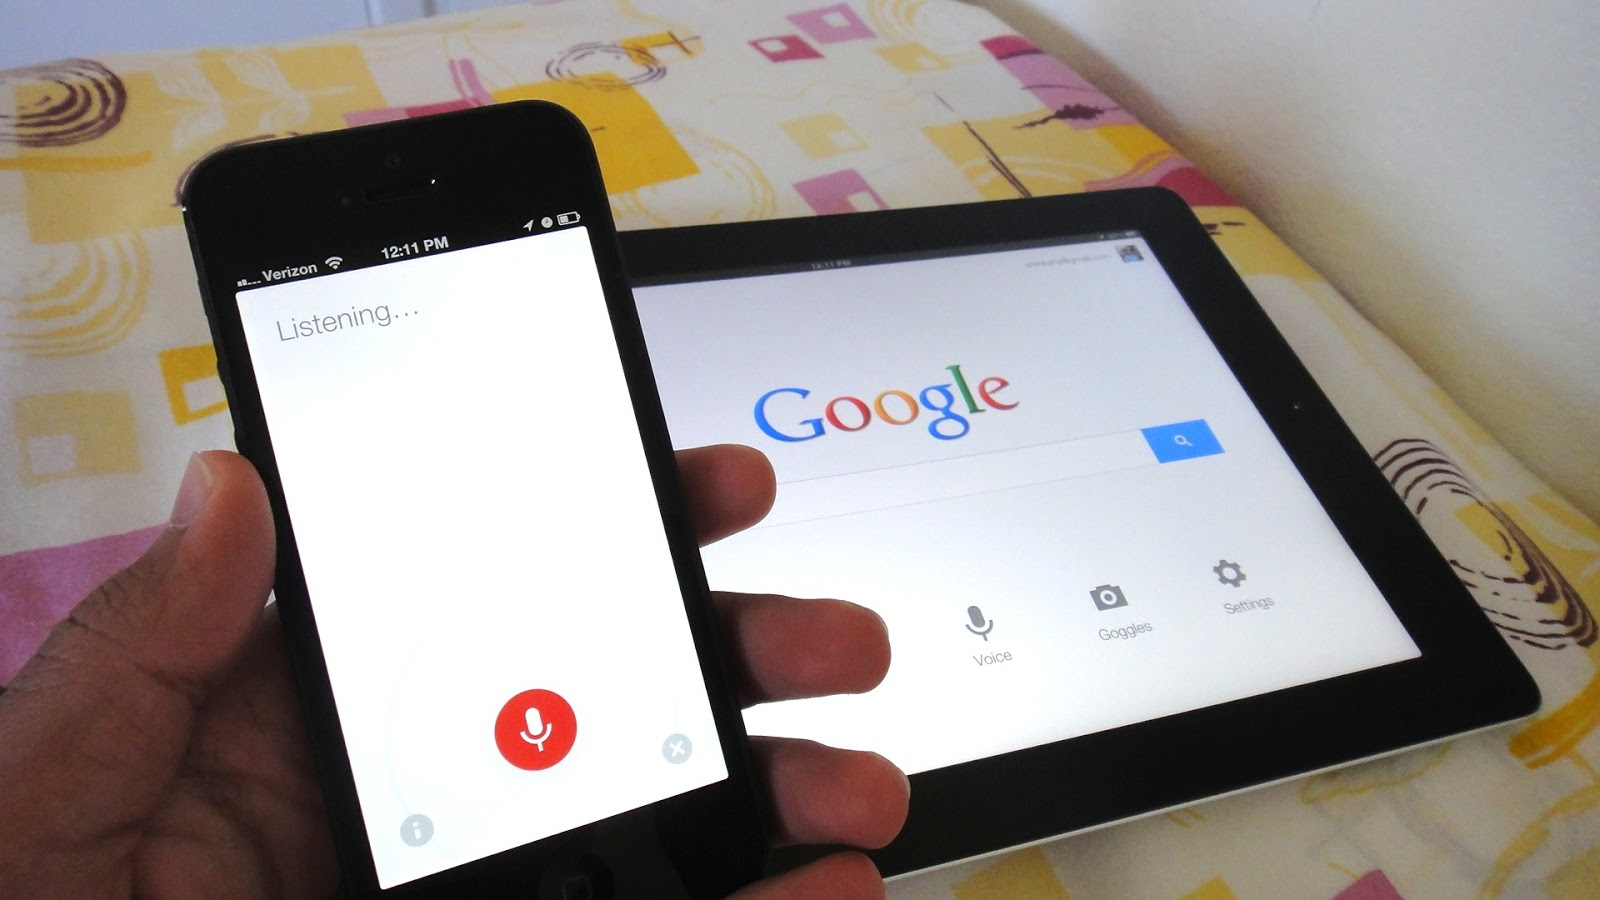 Google Search iOS հավելվածն ավելի «խելացի» է դարձել